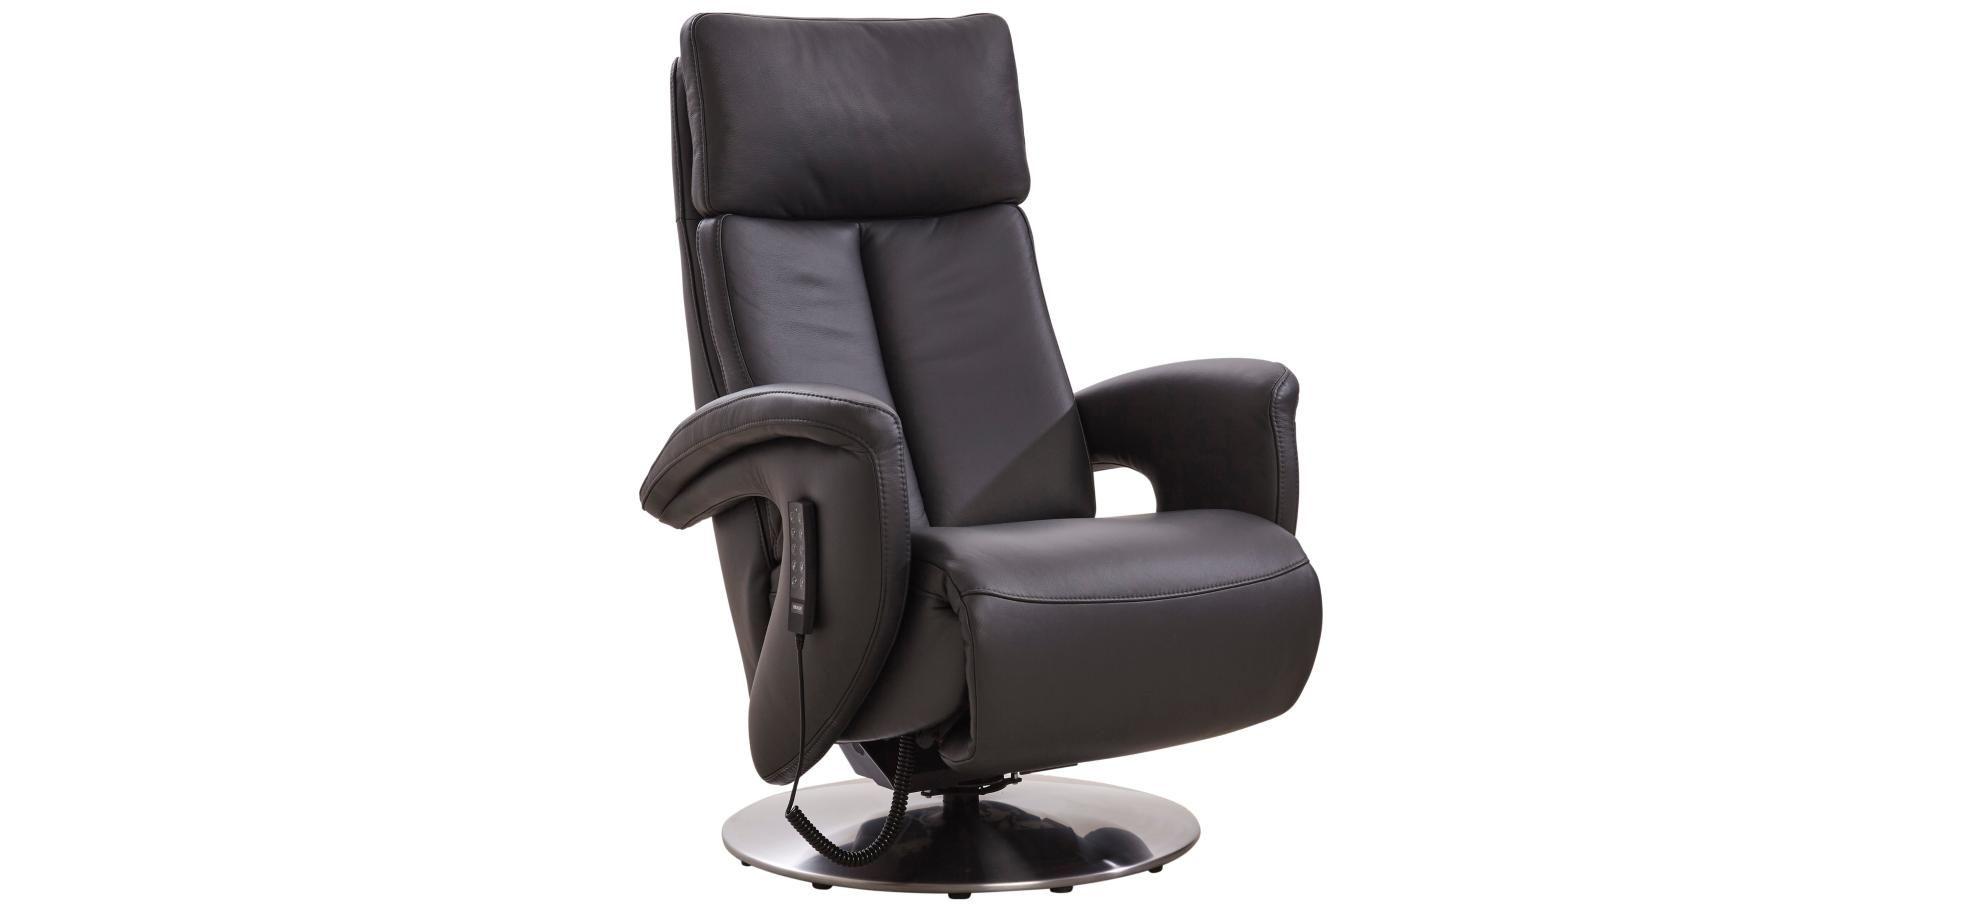 Leder Relaxsessel Global Sitz Konzept 3 Anthrazitfarben Mit Motor Berkemeier Home Company Relaxsessel Anthrazit Farbe Relaxen